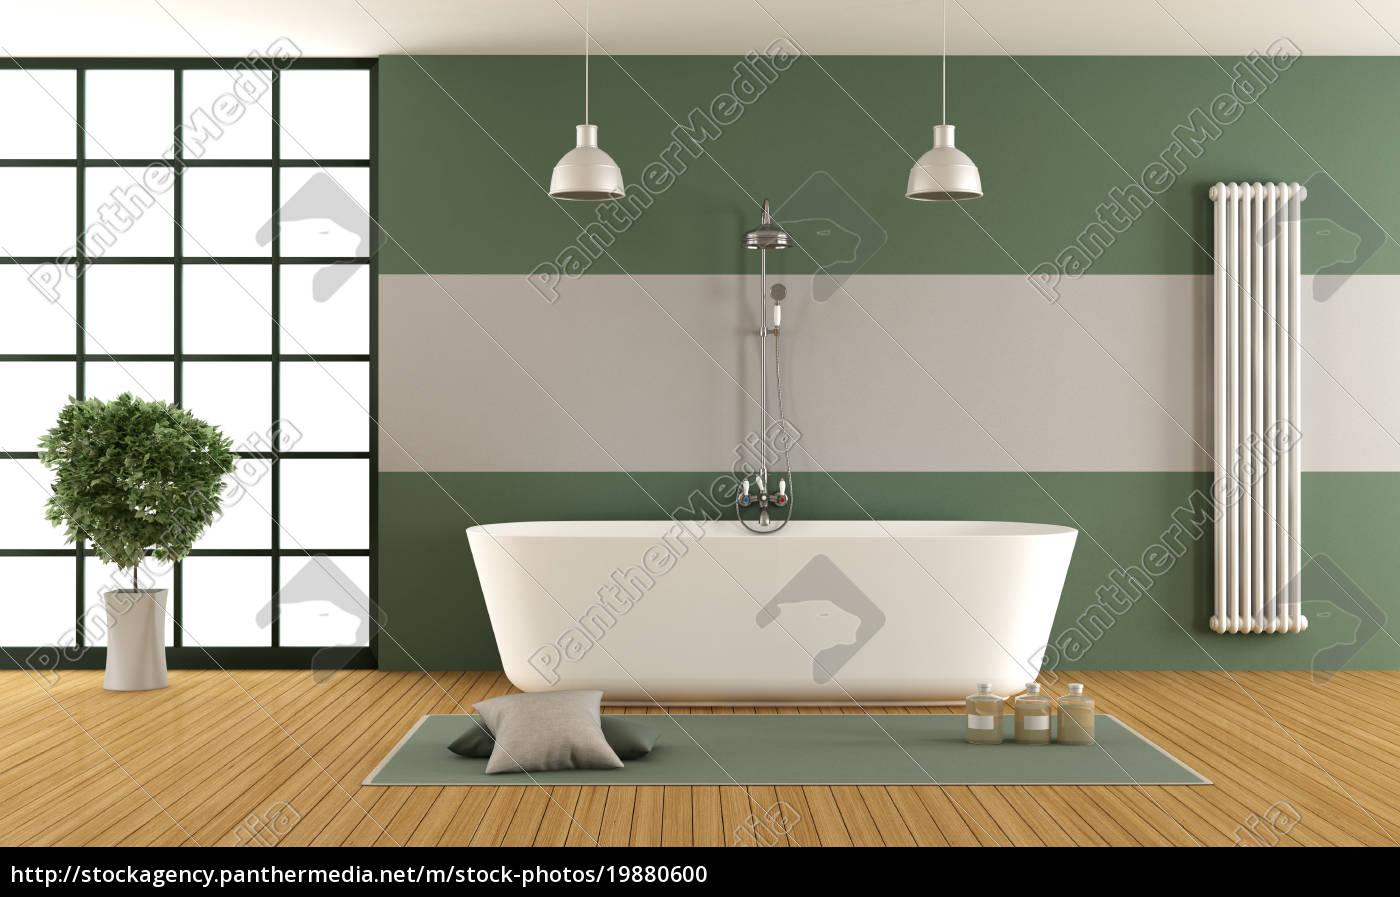 zeitgenössisches grünes und graues badezimmer   Lizenzfreies Foto ...